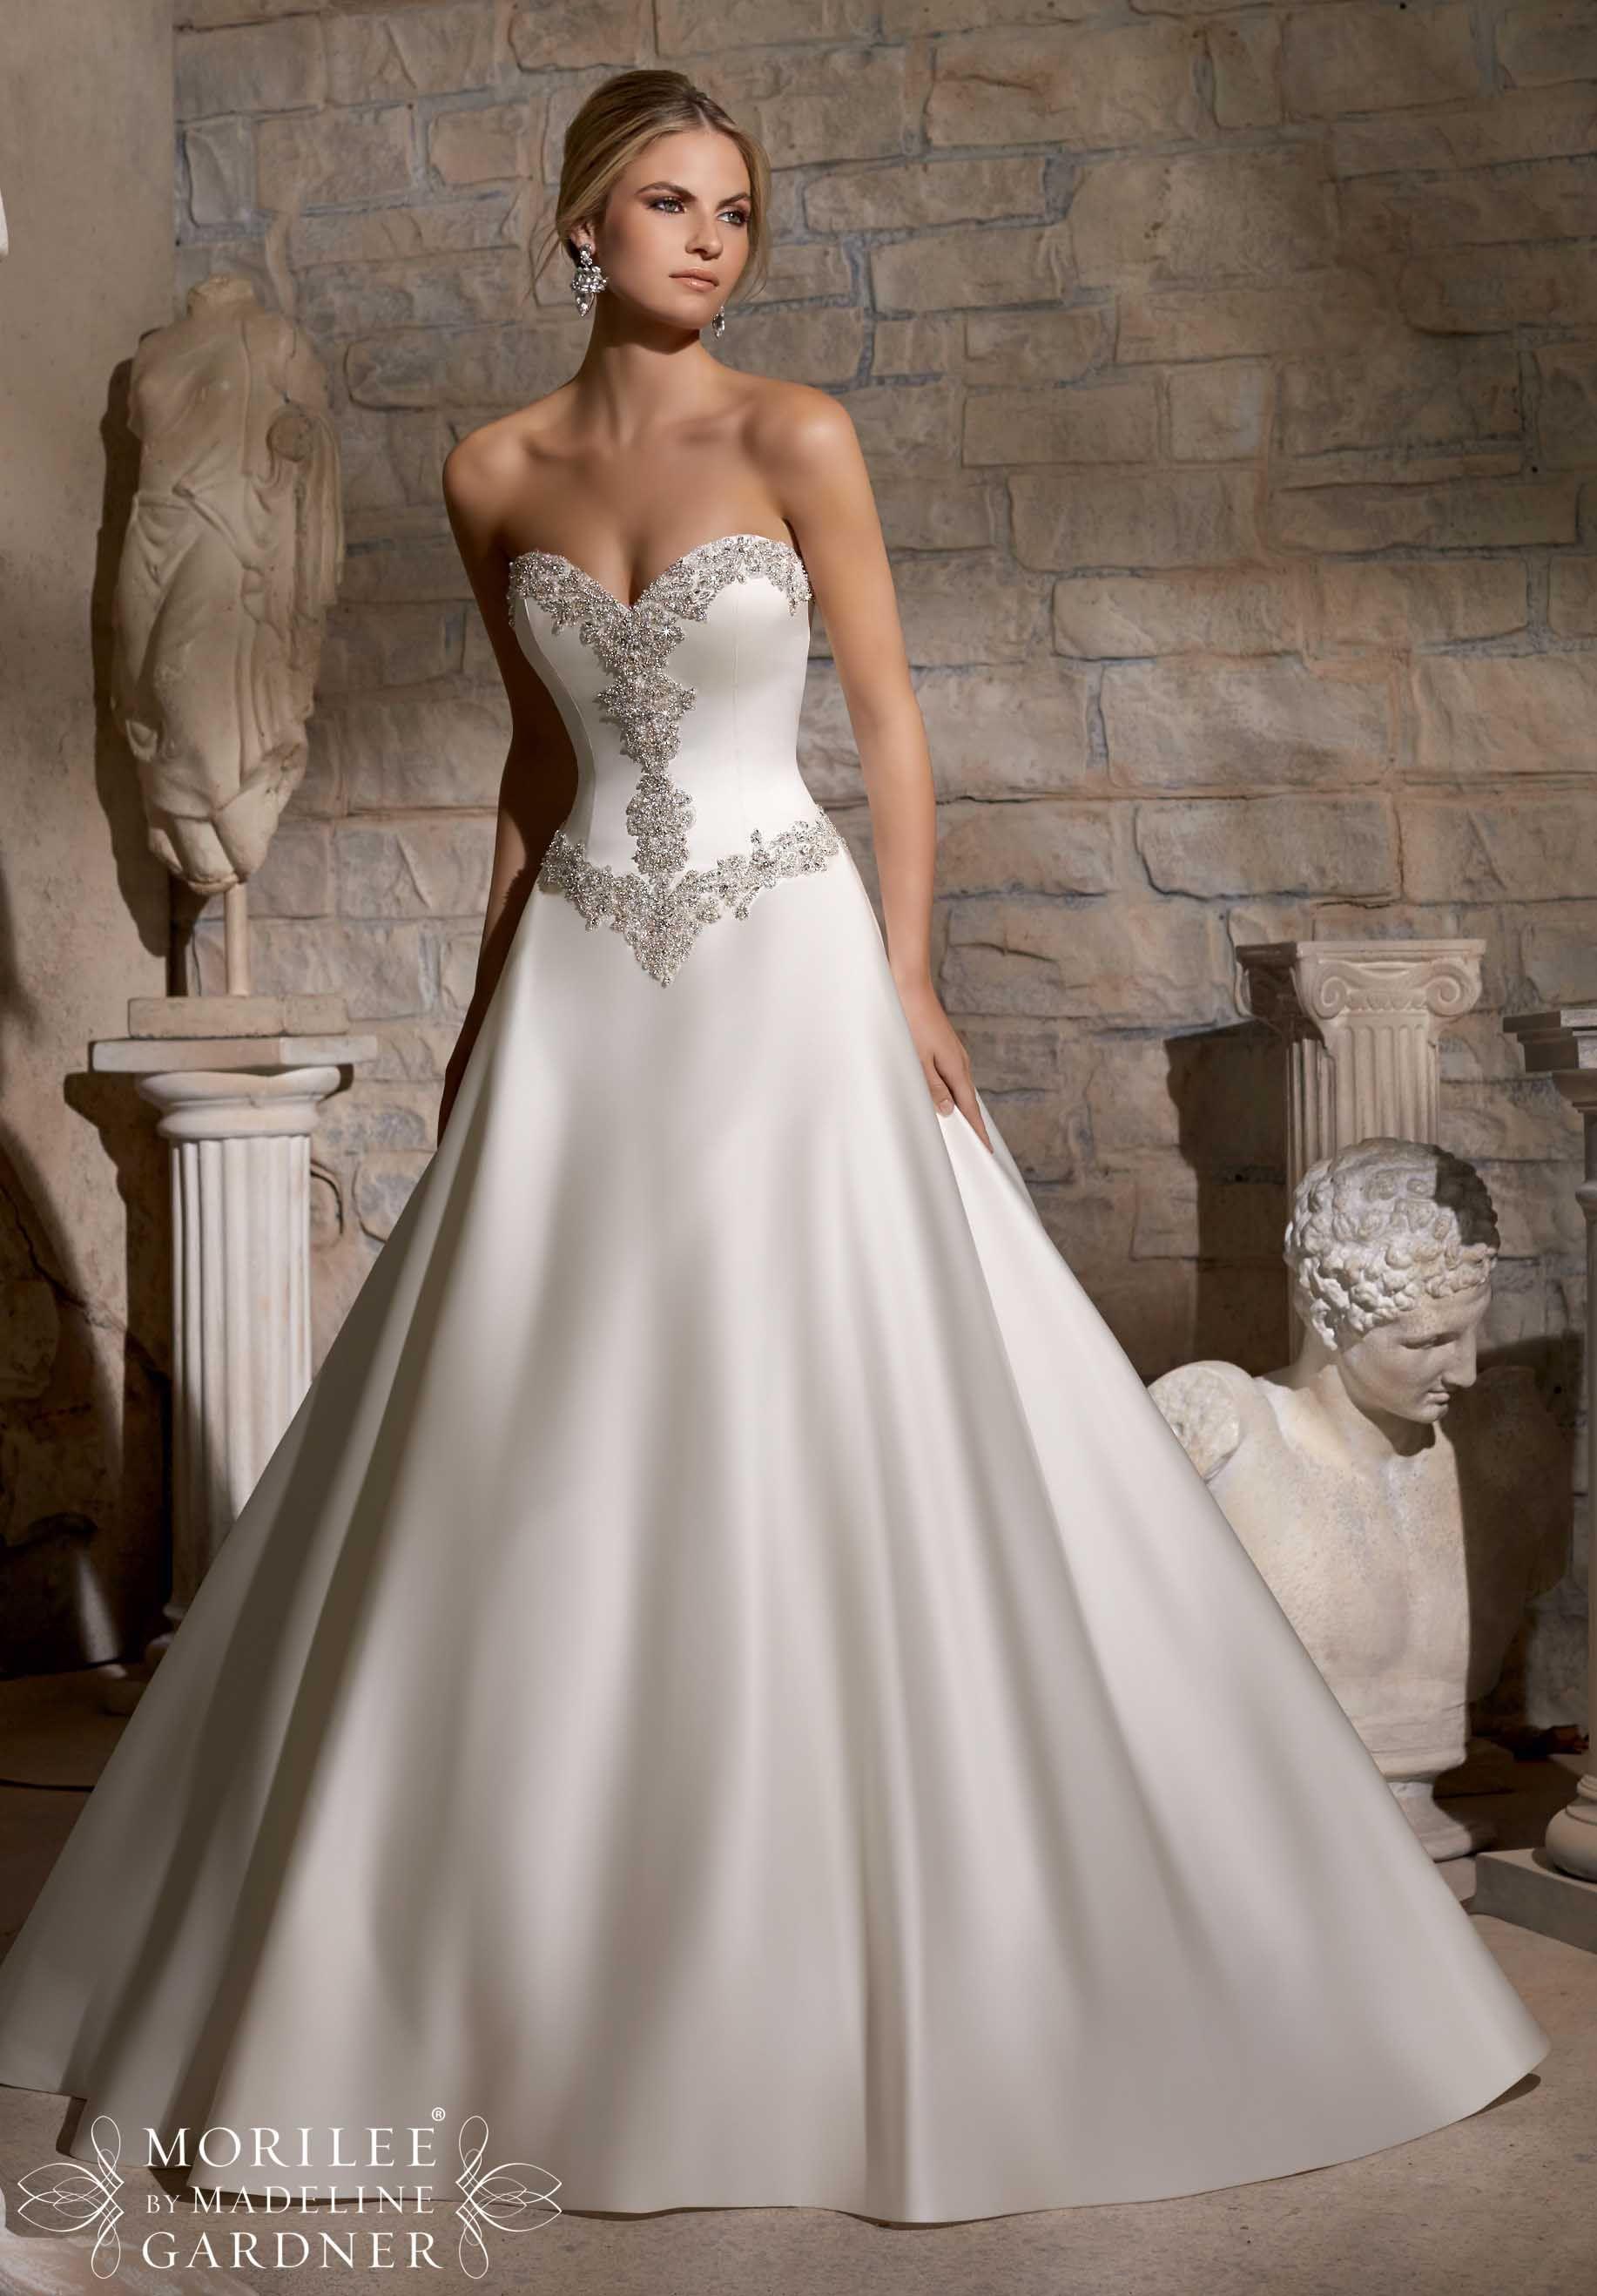 Vestido de novia, Mori Lee | Vestidos novia Mori Lee | Pinterest ...